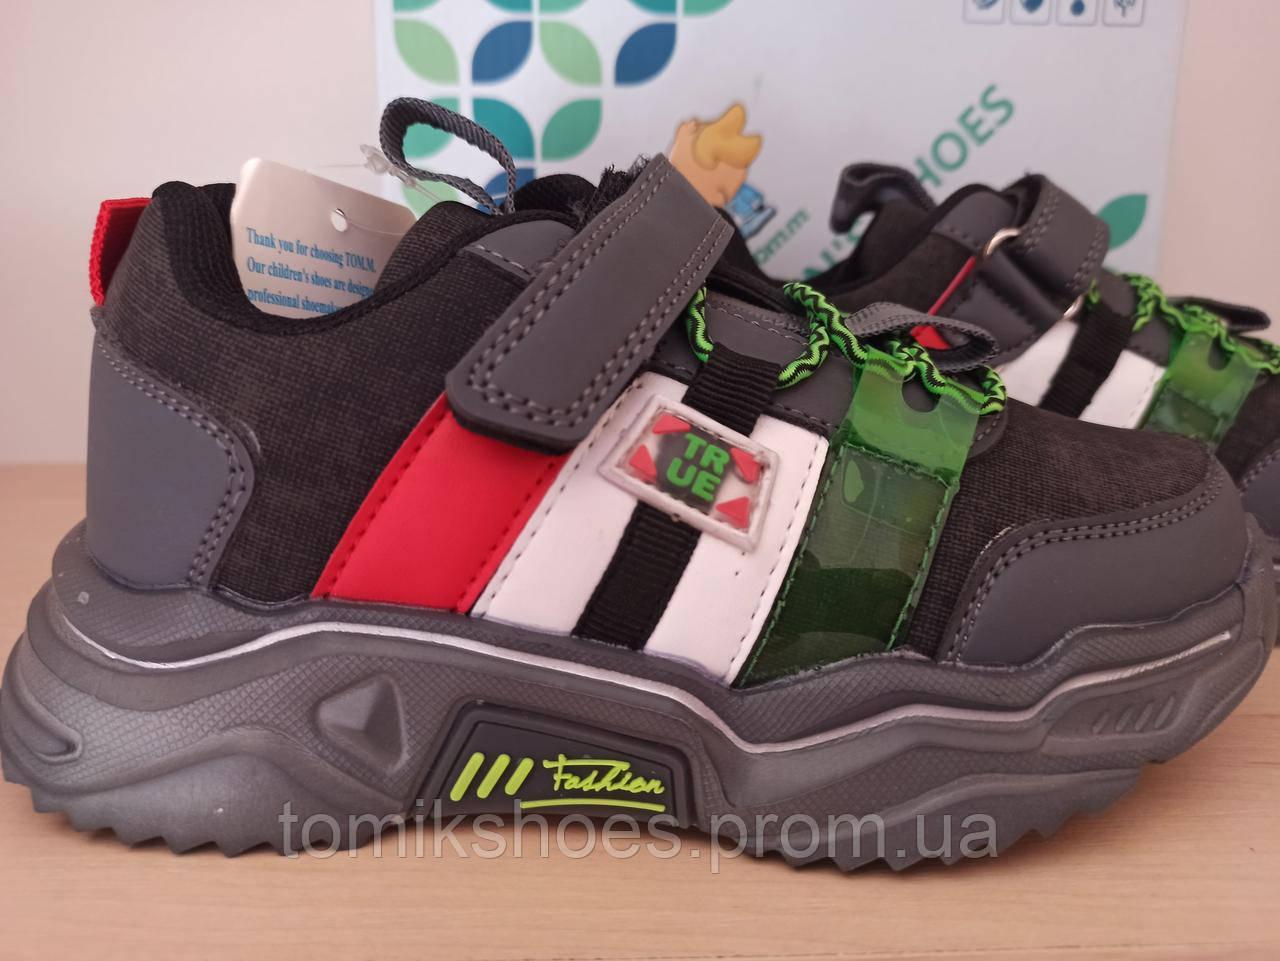 Кросівки дитячі на хлопчика Tom.m 7667E. 27-32 розміри.